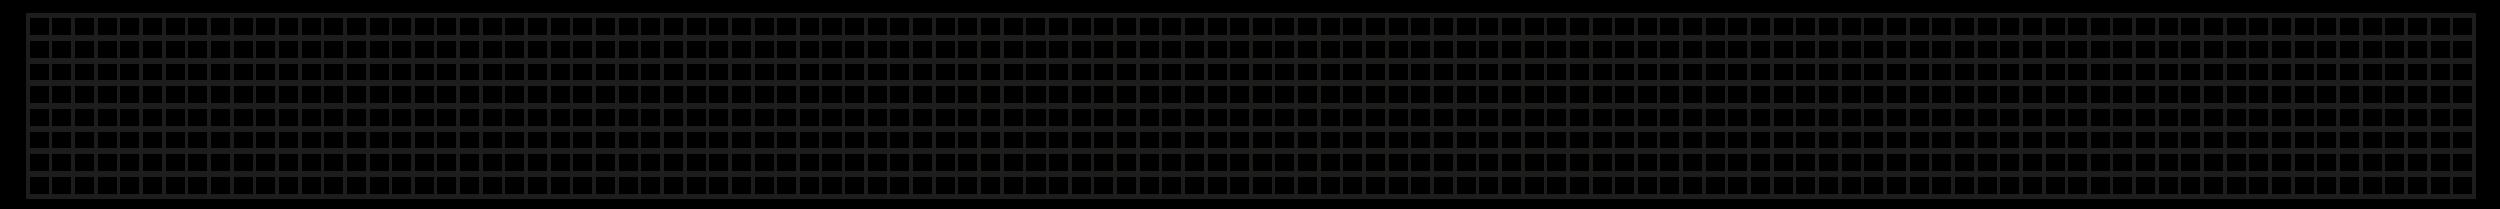 orbitafutura_motifs01-01.png